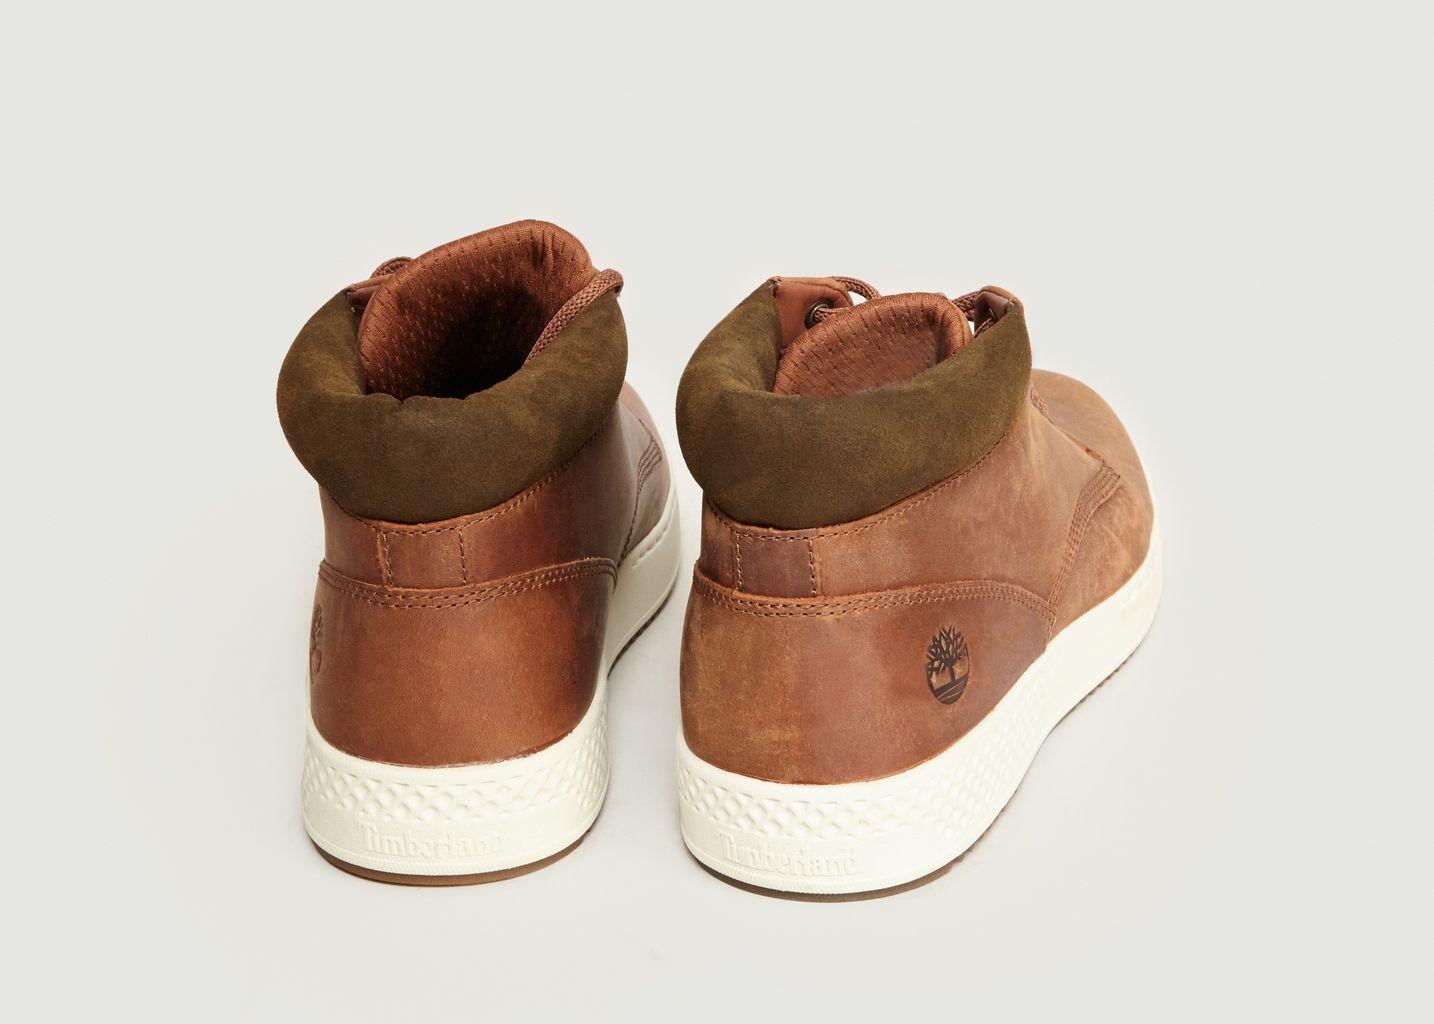 Boots Basse City Roam Cupsole - Timberland